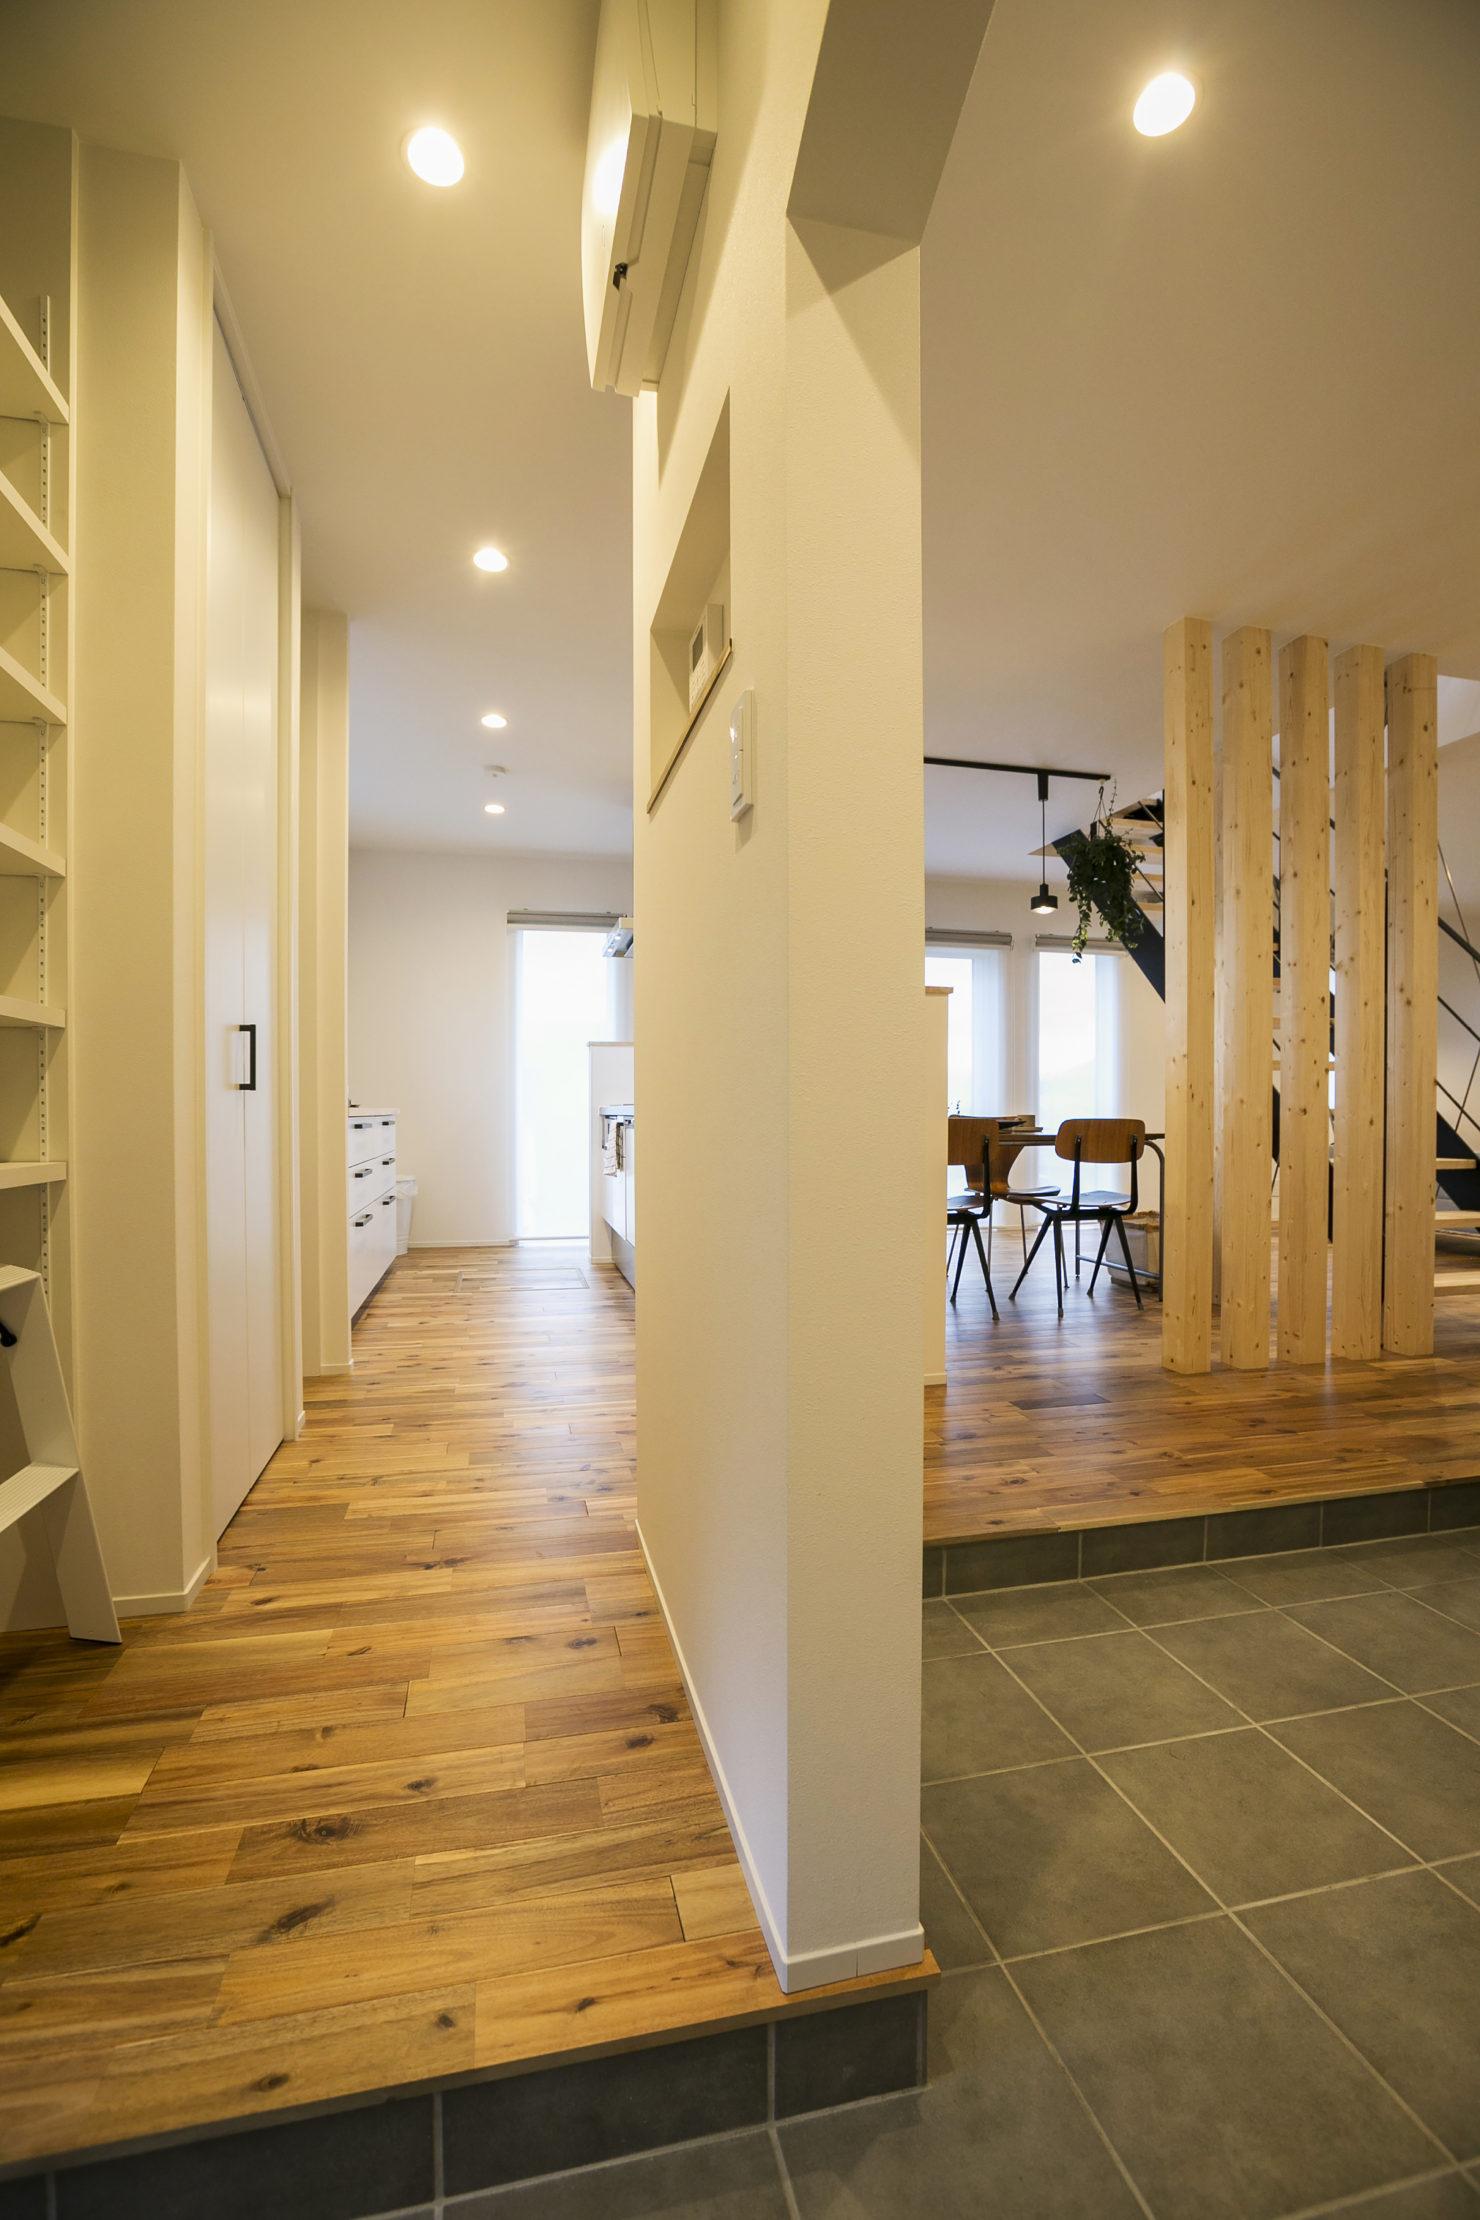 ハウスM21+archi「閉じる」から「開く」玄関クローク写真